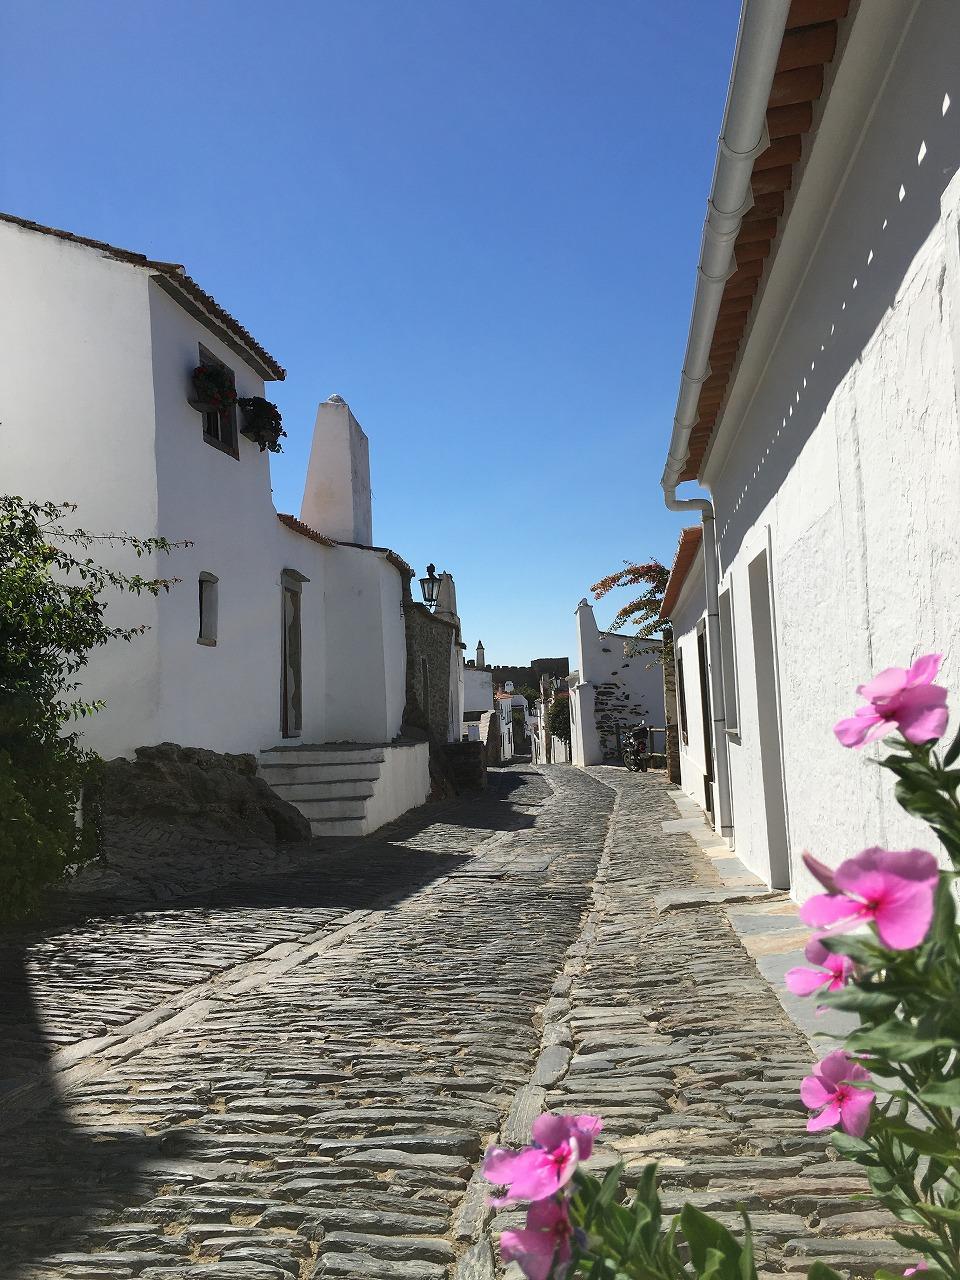 石畳の街並み